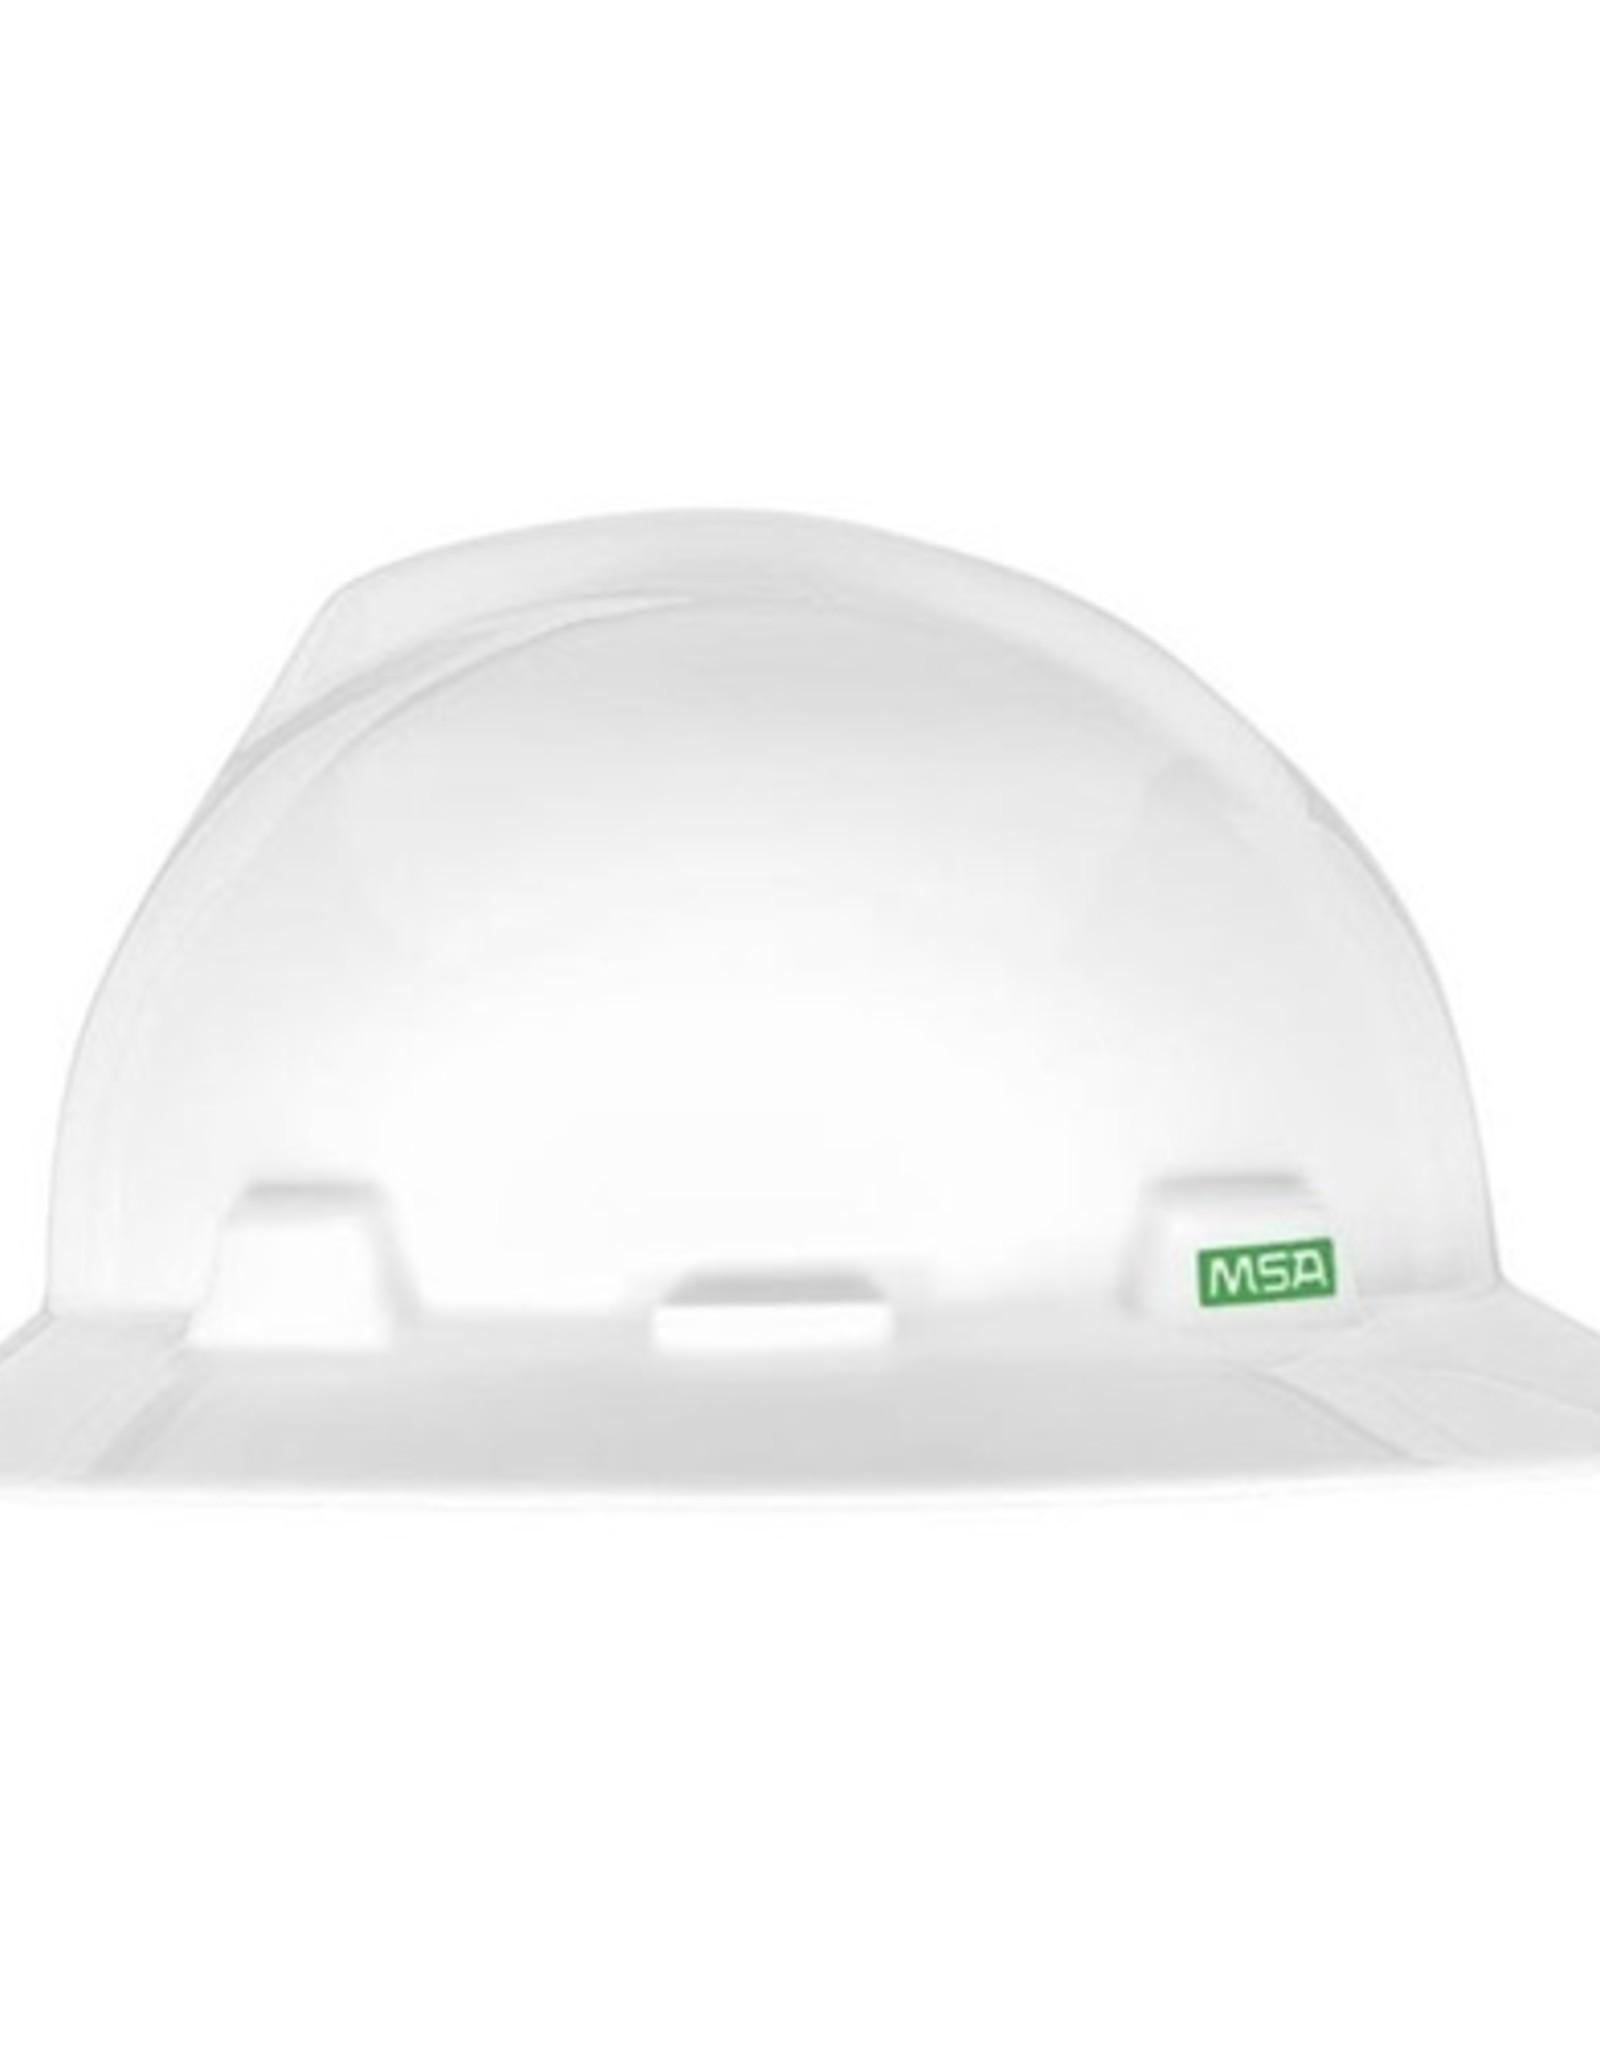 MSA MSA V-Gard Hard Hat White